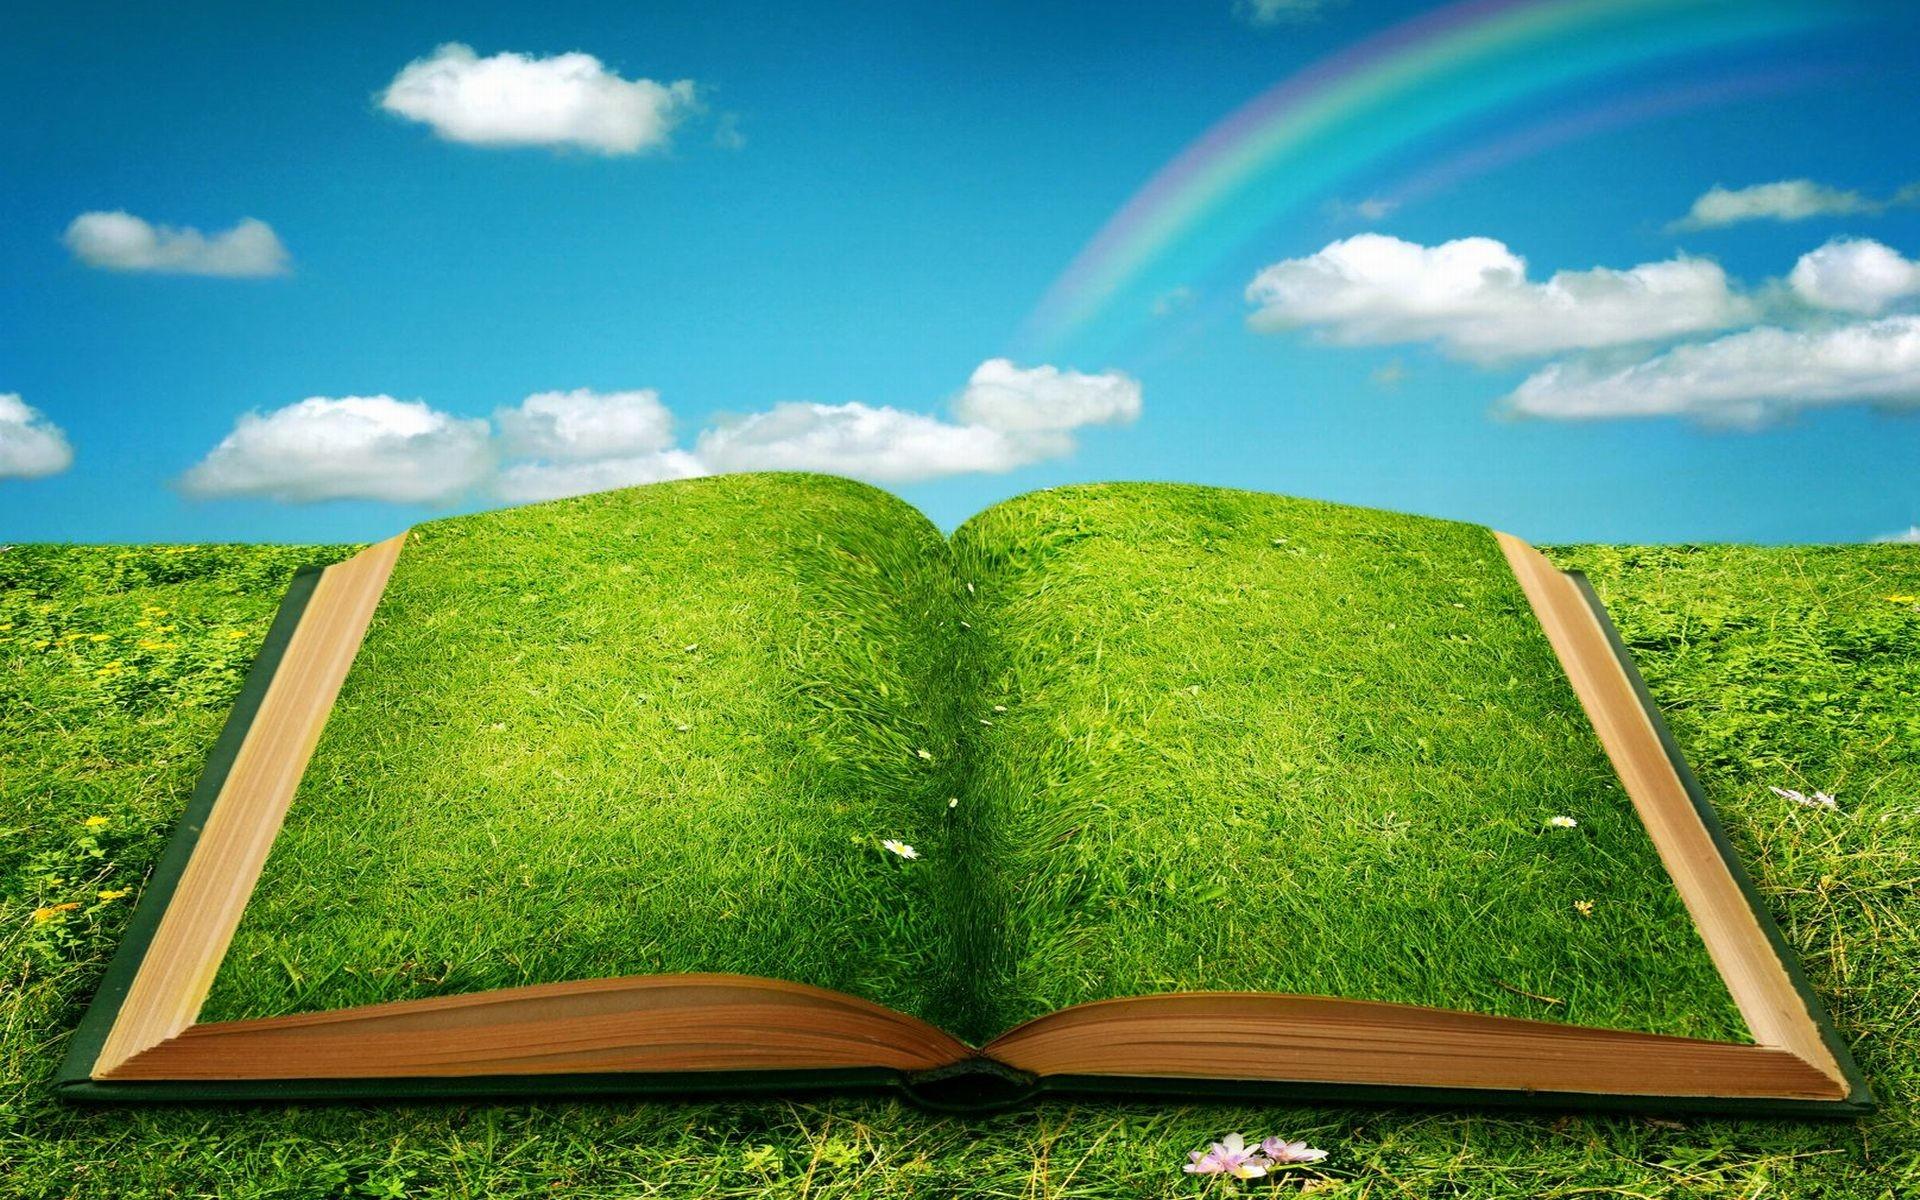 Green Book Of Dreams HD Wallpaper